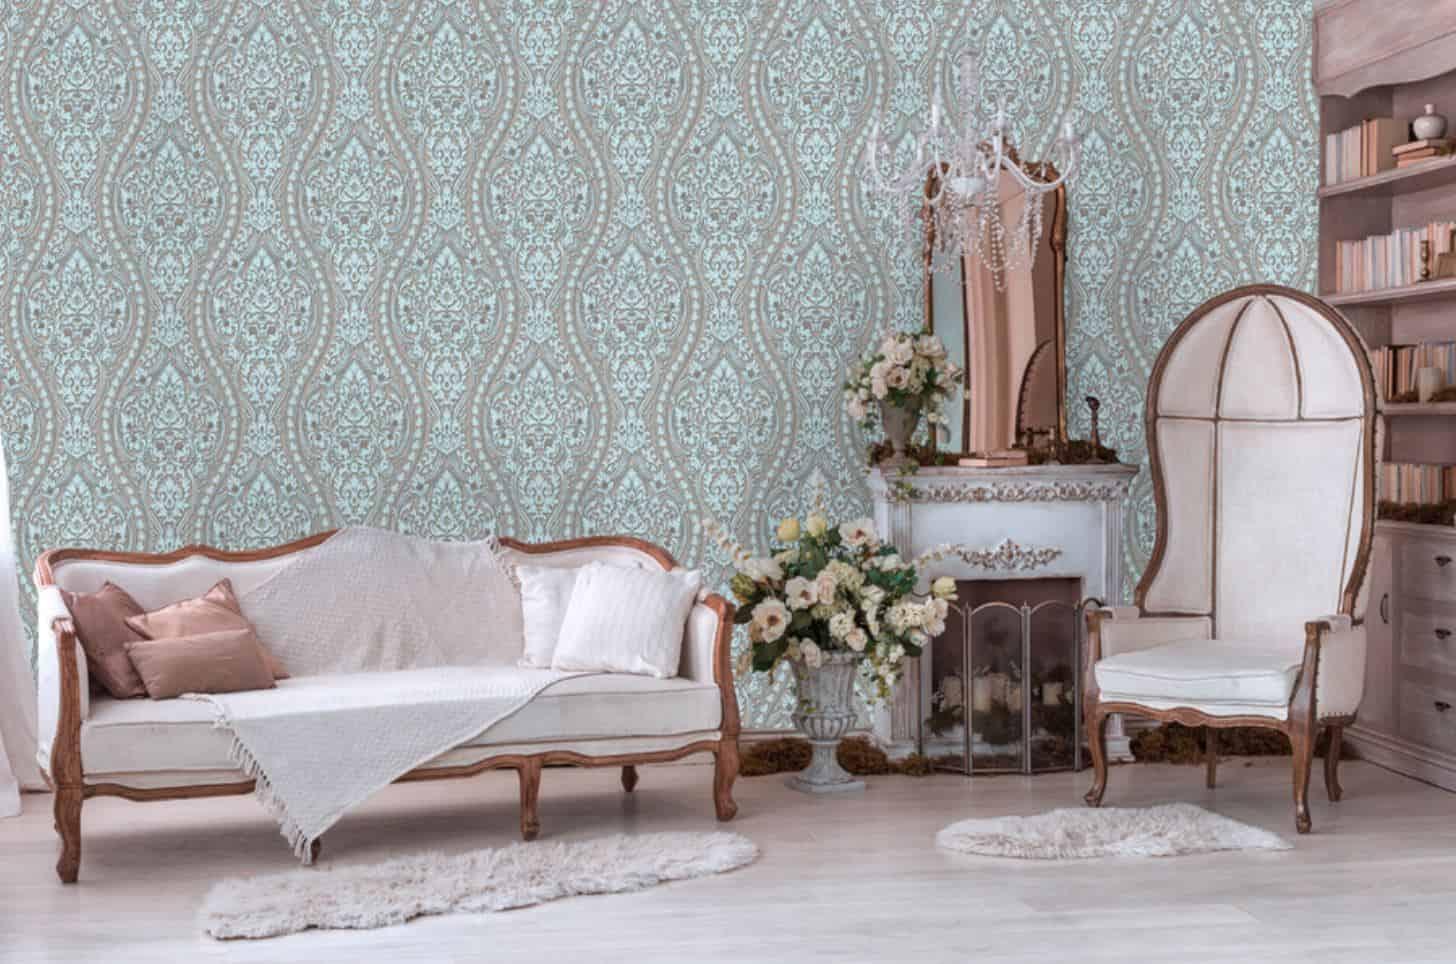 vida_y_espacio-salas-salas_modernas-salas_de_madera-muebles-muebles_de_madera-decoracion-interiorismo-decoracion_de_interiores-1